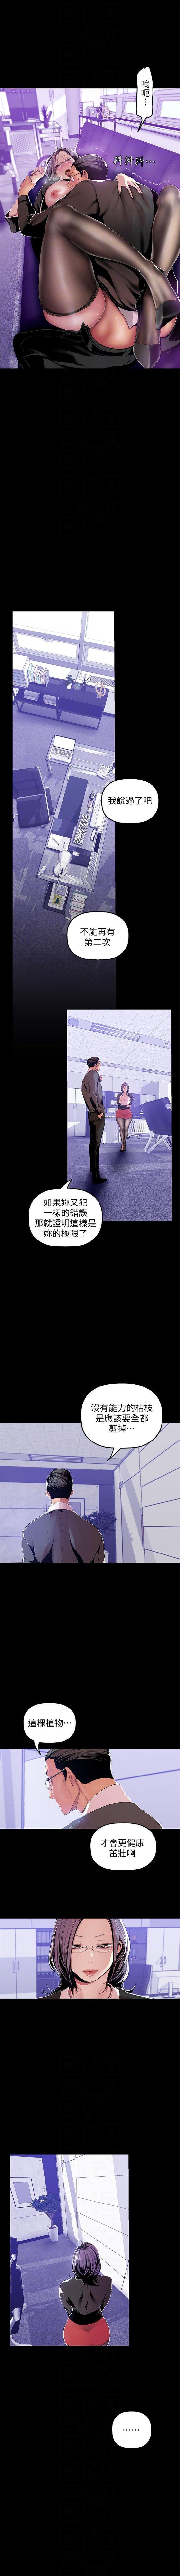 (週1)美麗新世界 1-70 中文翻譯 (更新中) 344